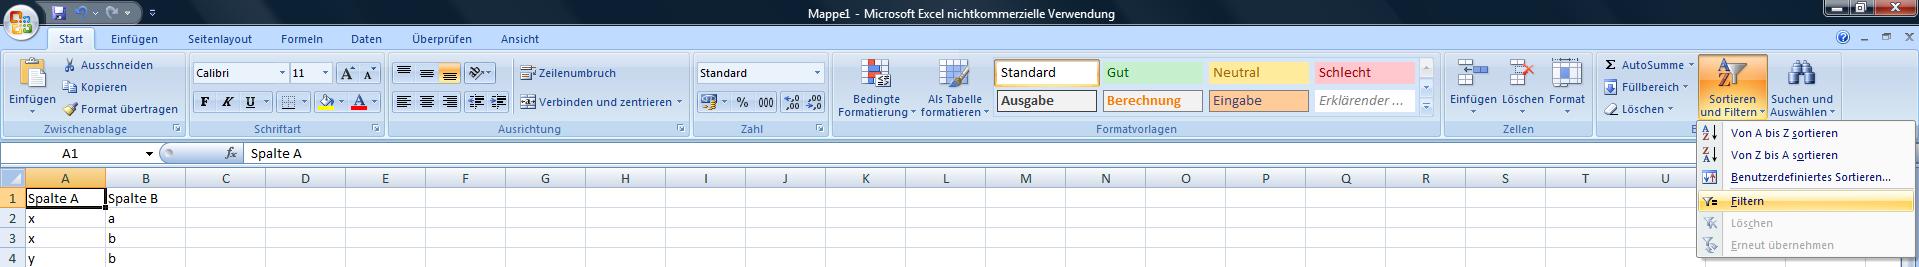 03-excel-formeln-eintraege-in-gefilterter-liste-ohne-duplikate-anzeigen-filtern-470.png?nocache=1308915881206